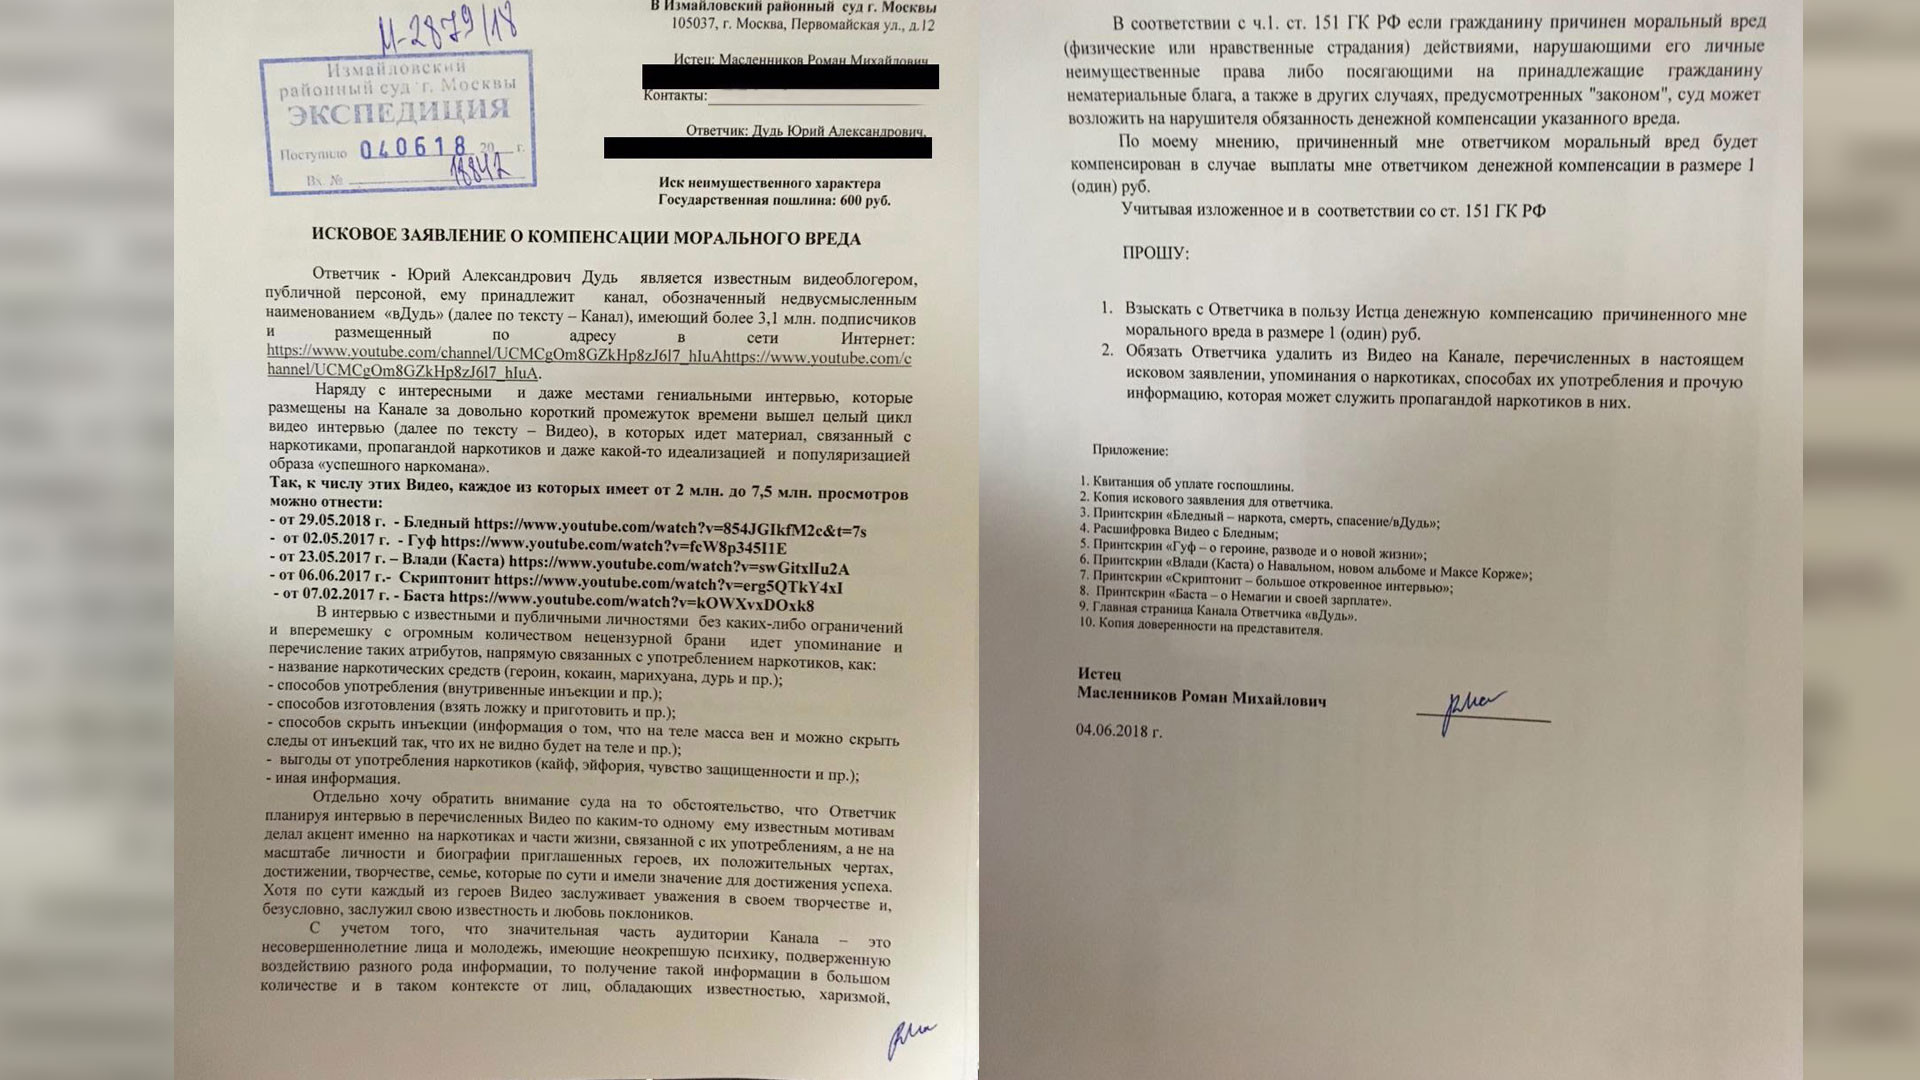 Исковое заявление Романа Масленникова